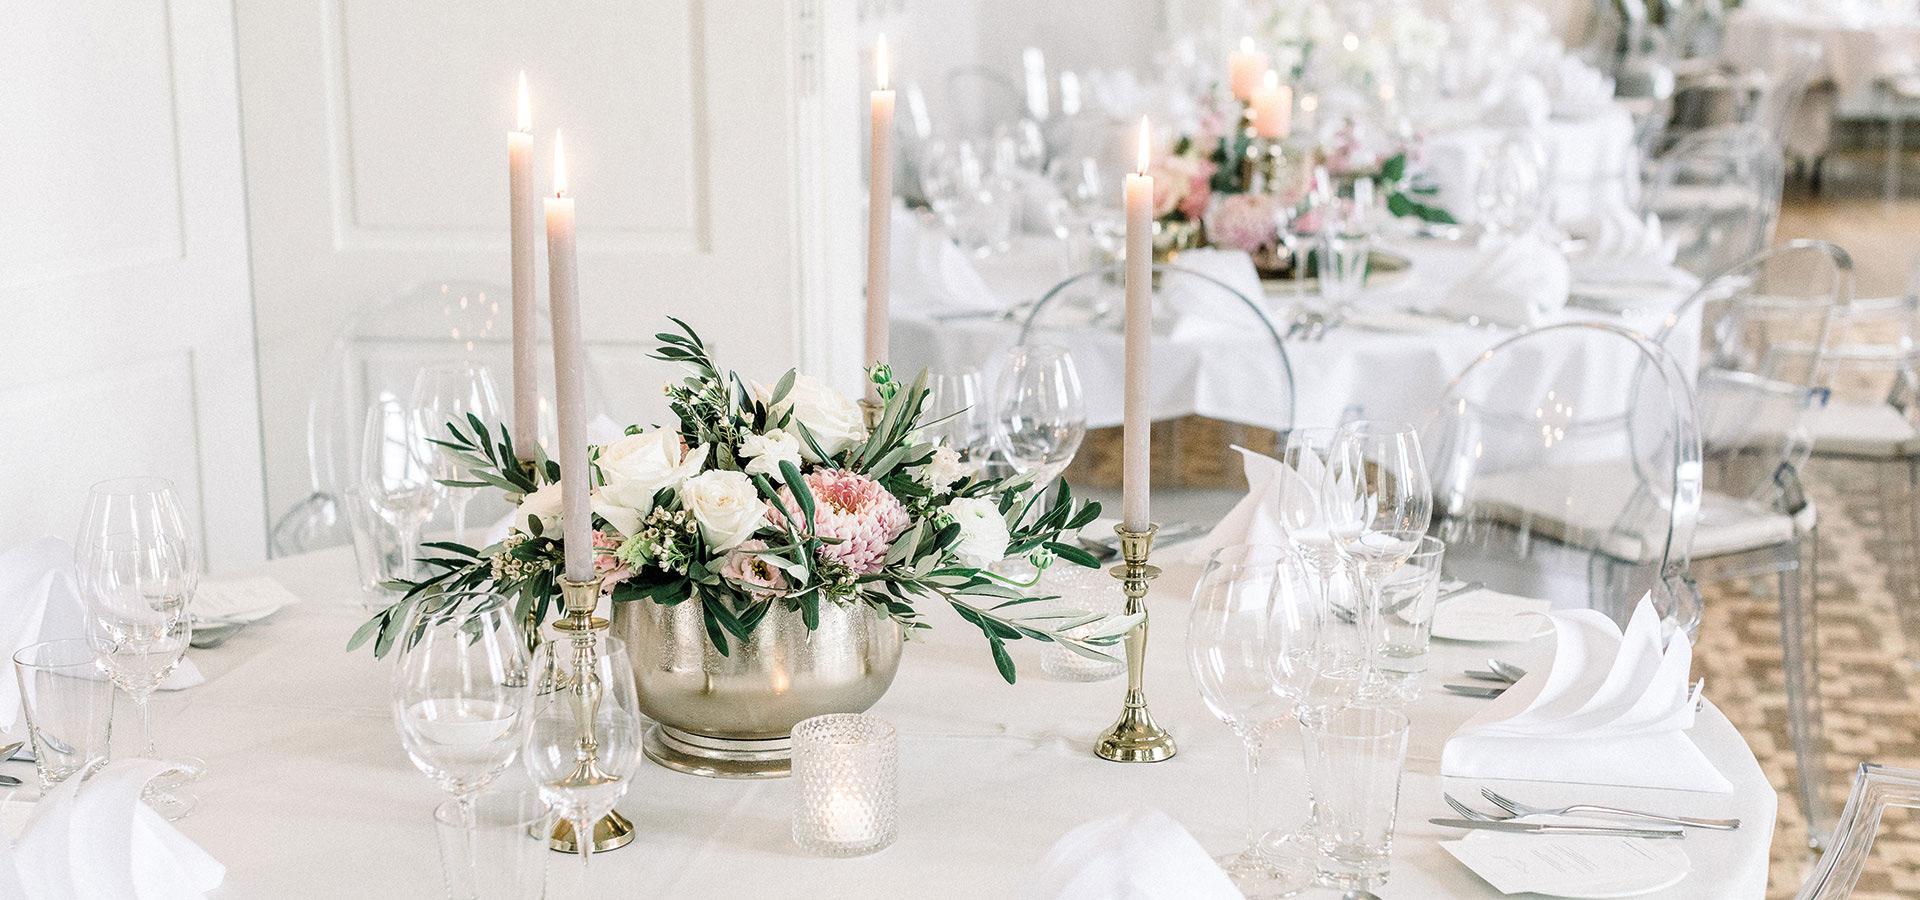 Labude Koln Weddingtable Decoration Boho Style